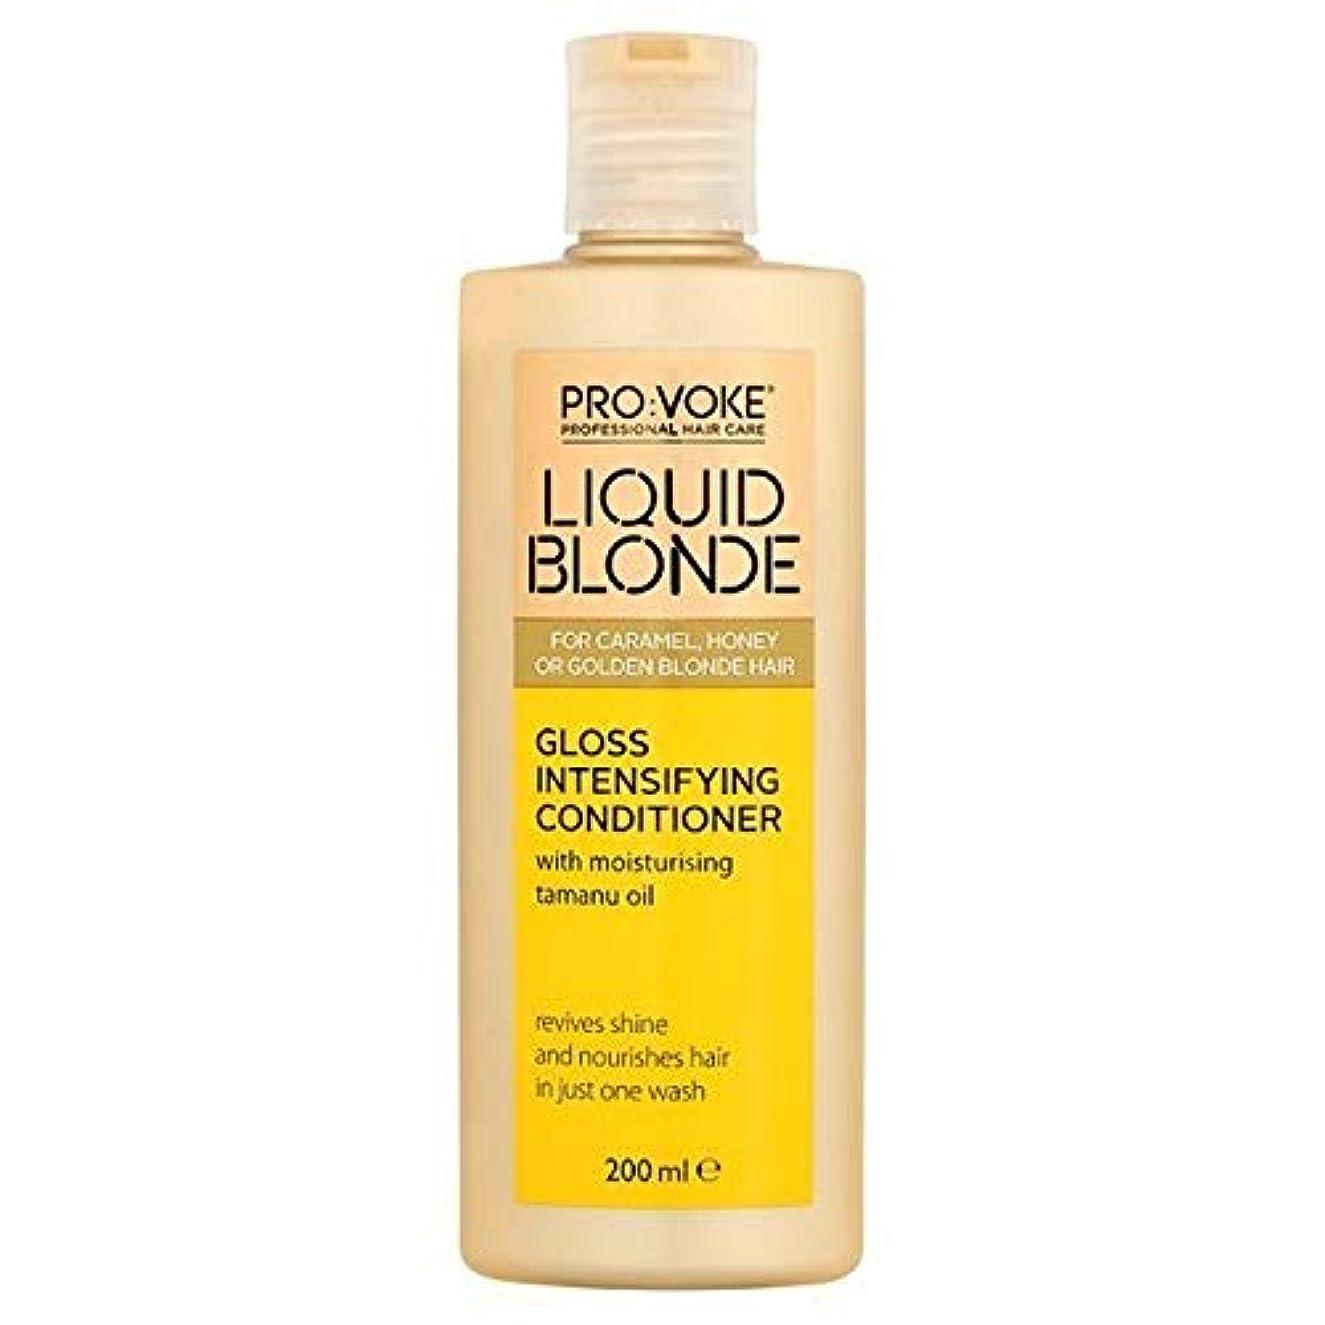 割り込み発生するクール[Pro:Voke] プロ:Voke液体ブロンド強烈な輝きコンディショナー - PRO:VOKE Liquid Blonde Intense Shine Conditioner [並行輸入品]